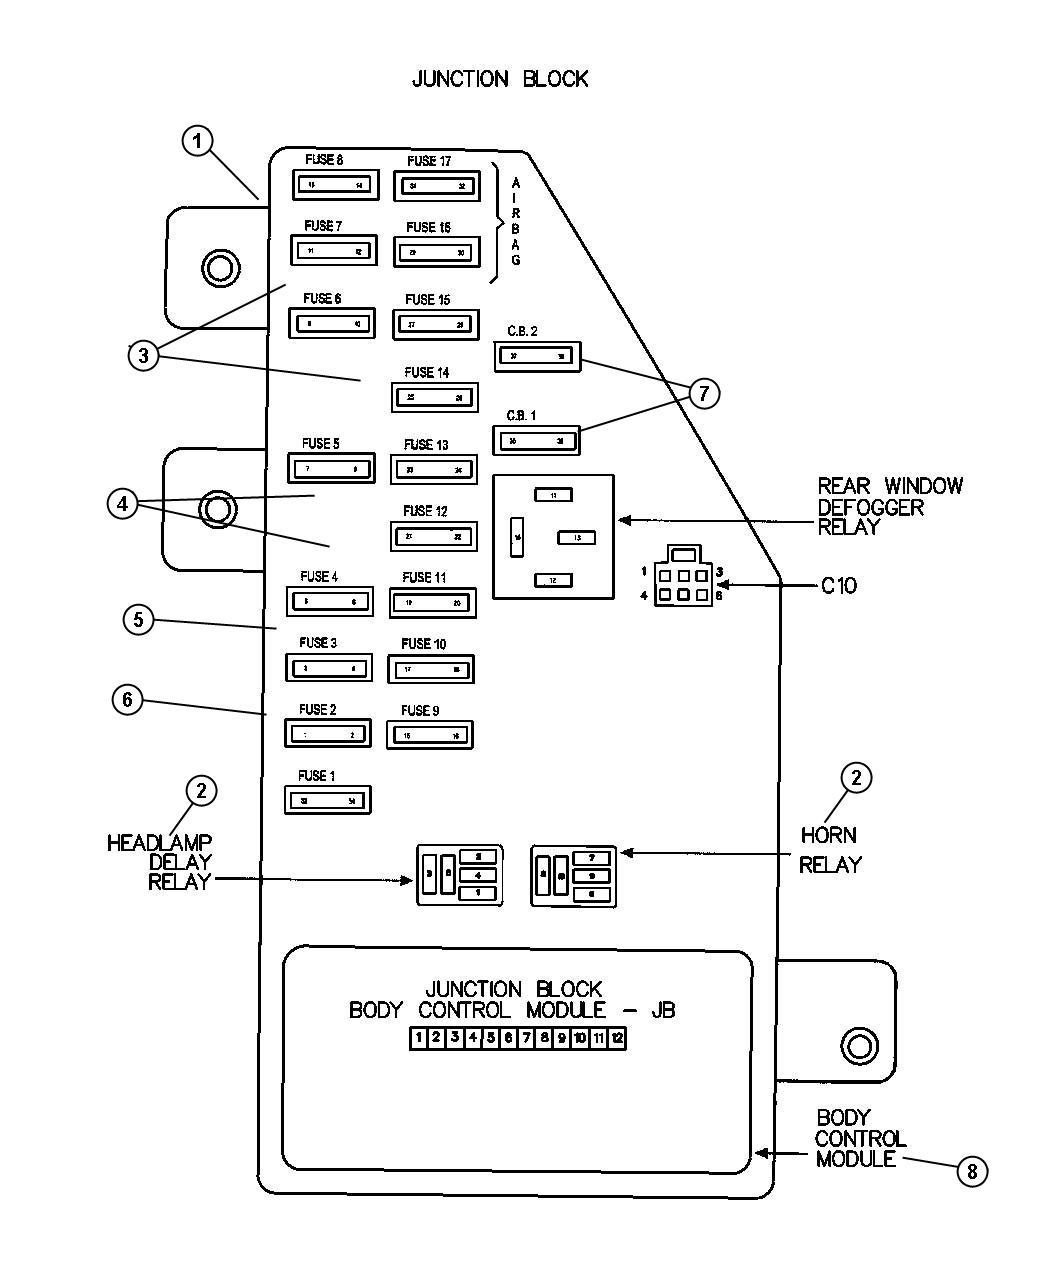 chrysler sebring radio wiring diagram for led lights 2006 dodge ram 2500 sel ac manual e books 2001 tail light best library